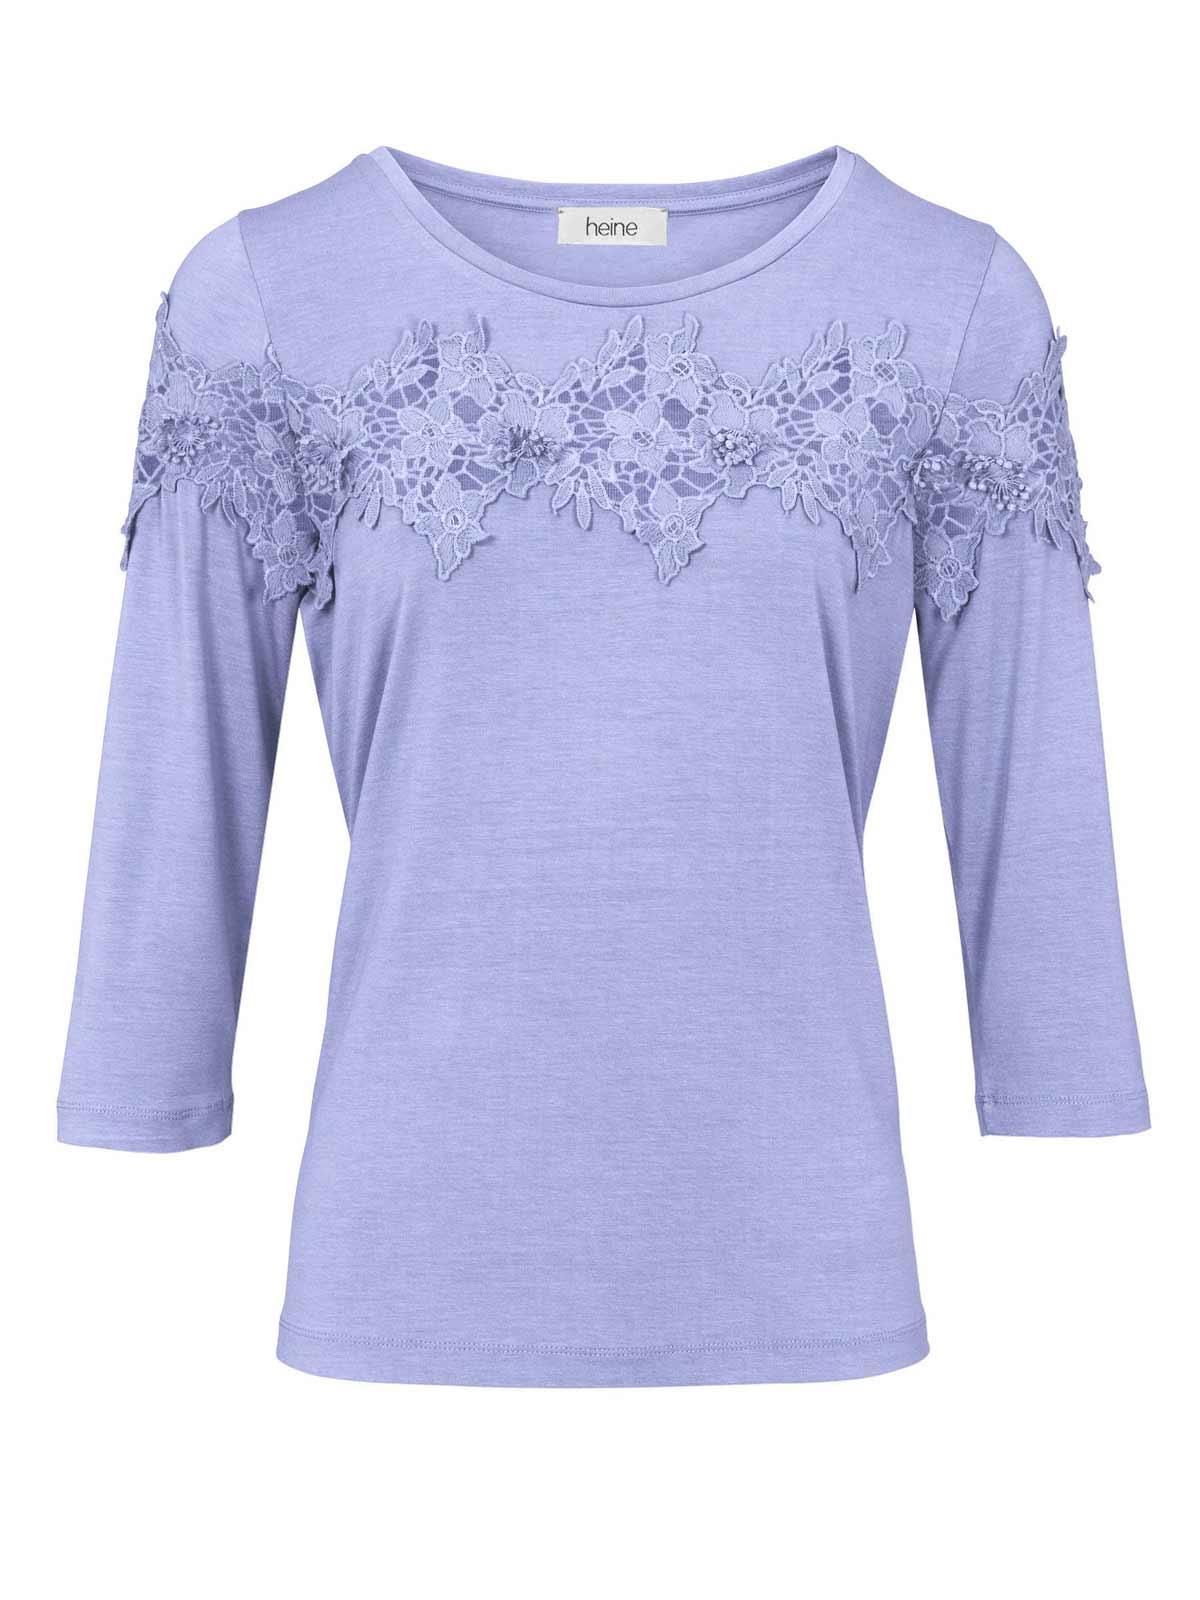 659.070 Shirt m. Spitze, jeansblau von HEINE Grösse 44